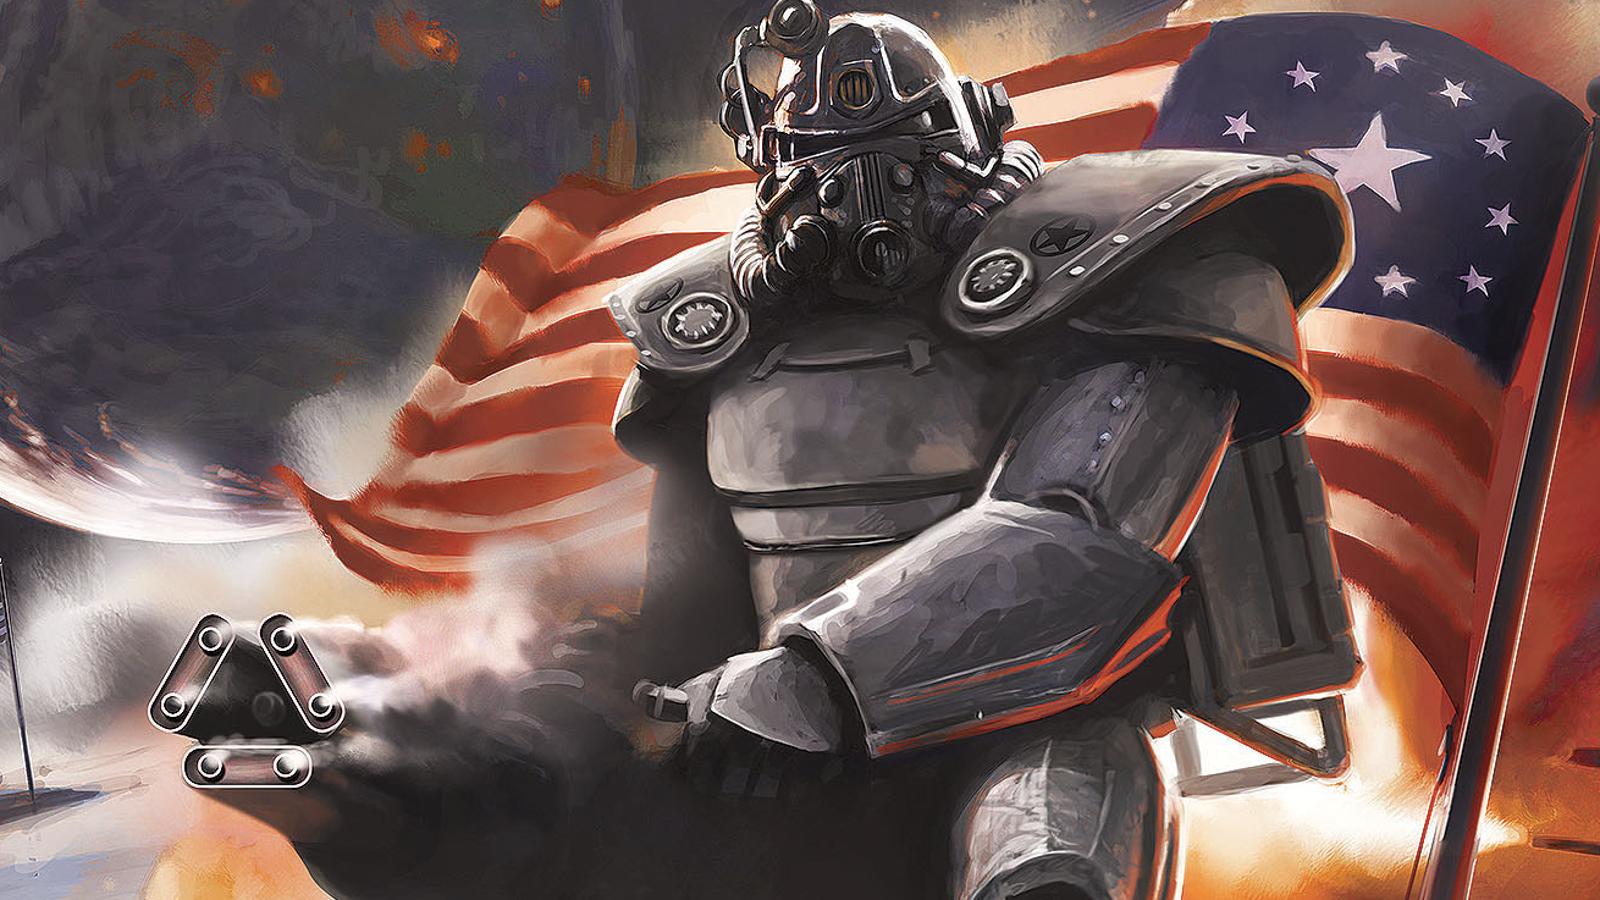 Trucos y consejos para jugar a Fallout 4 sin despeinarse